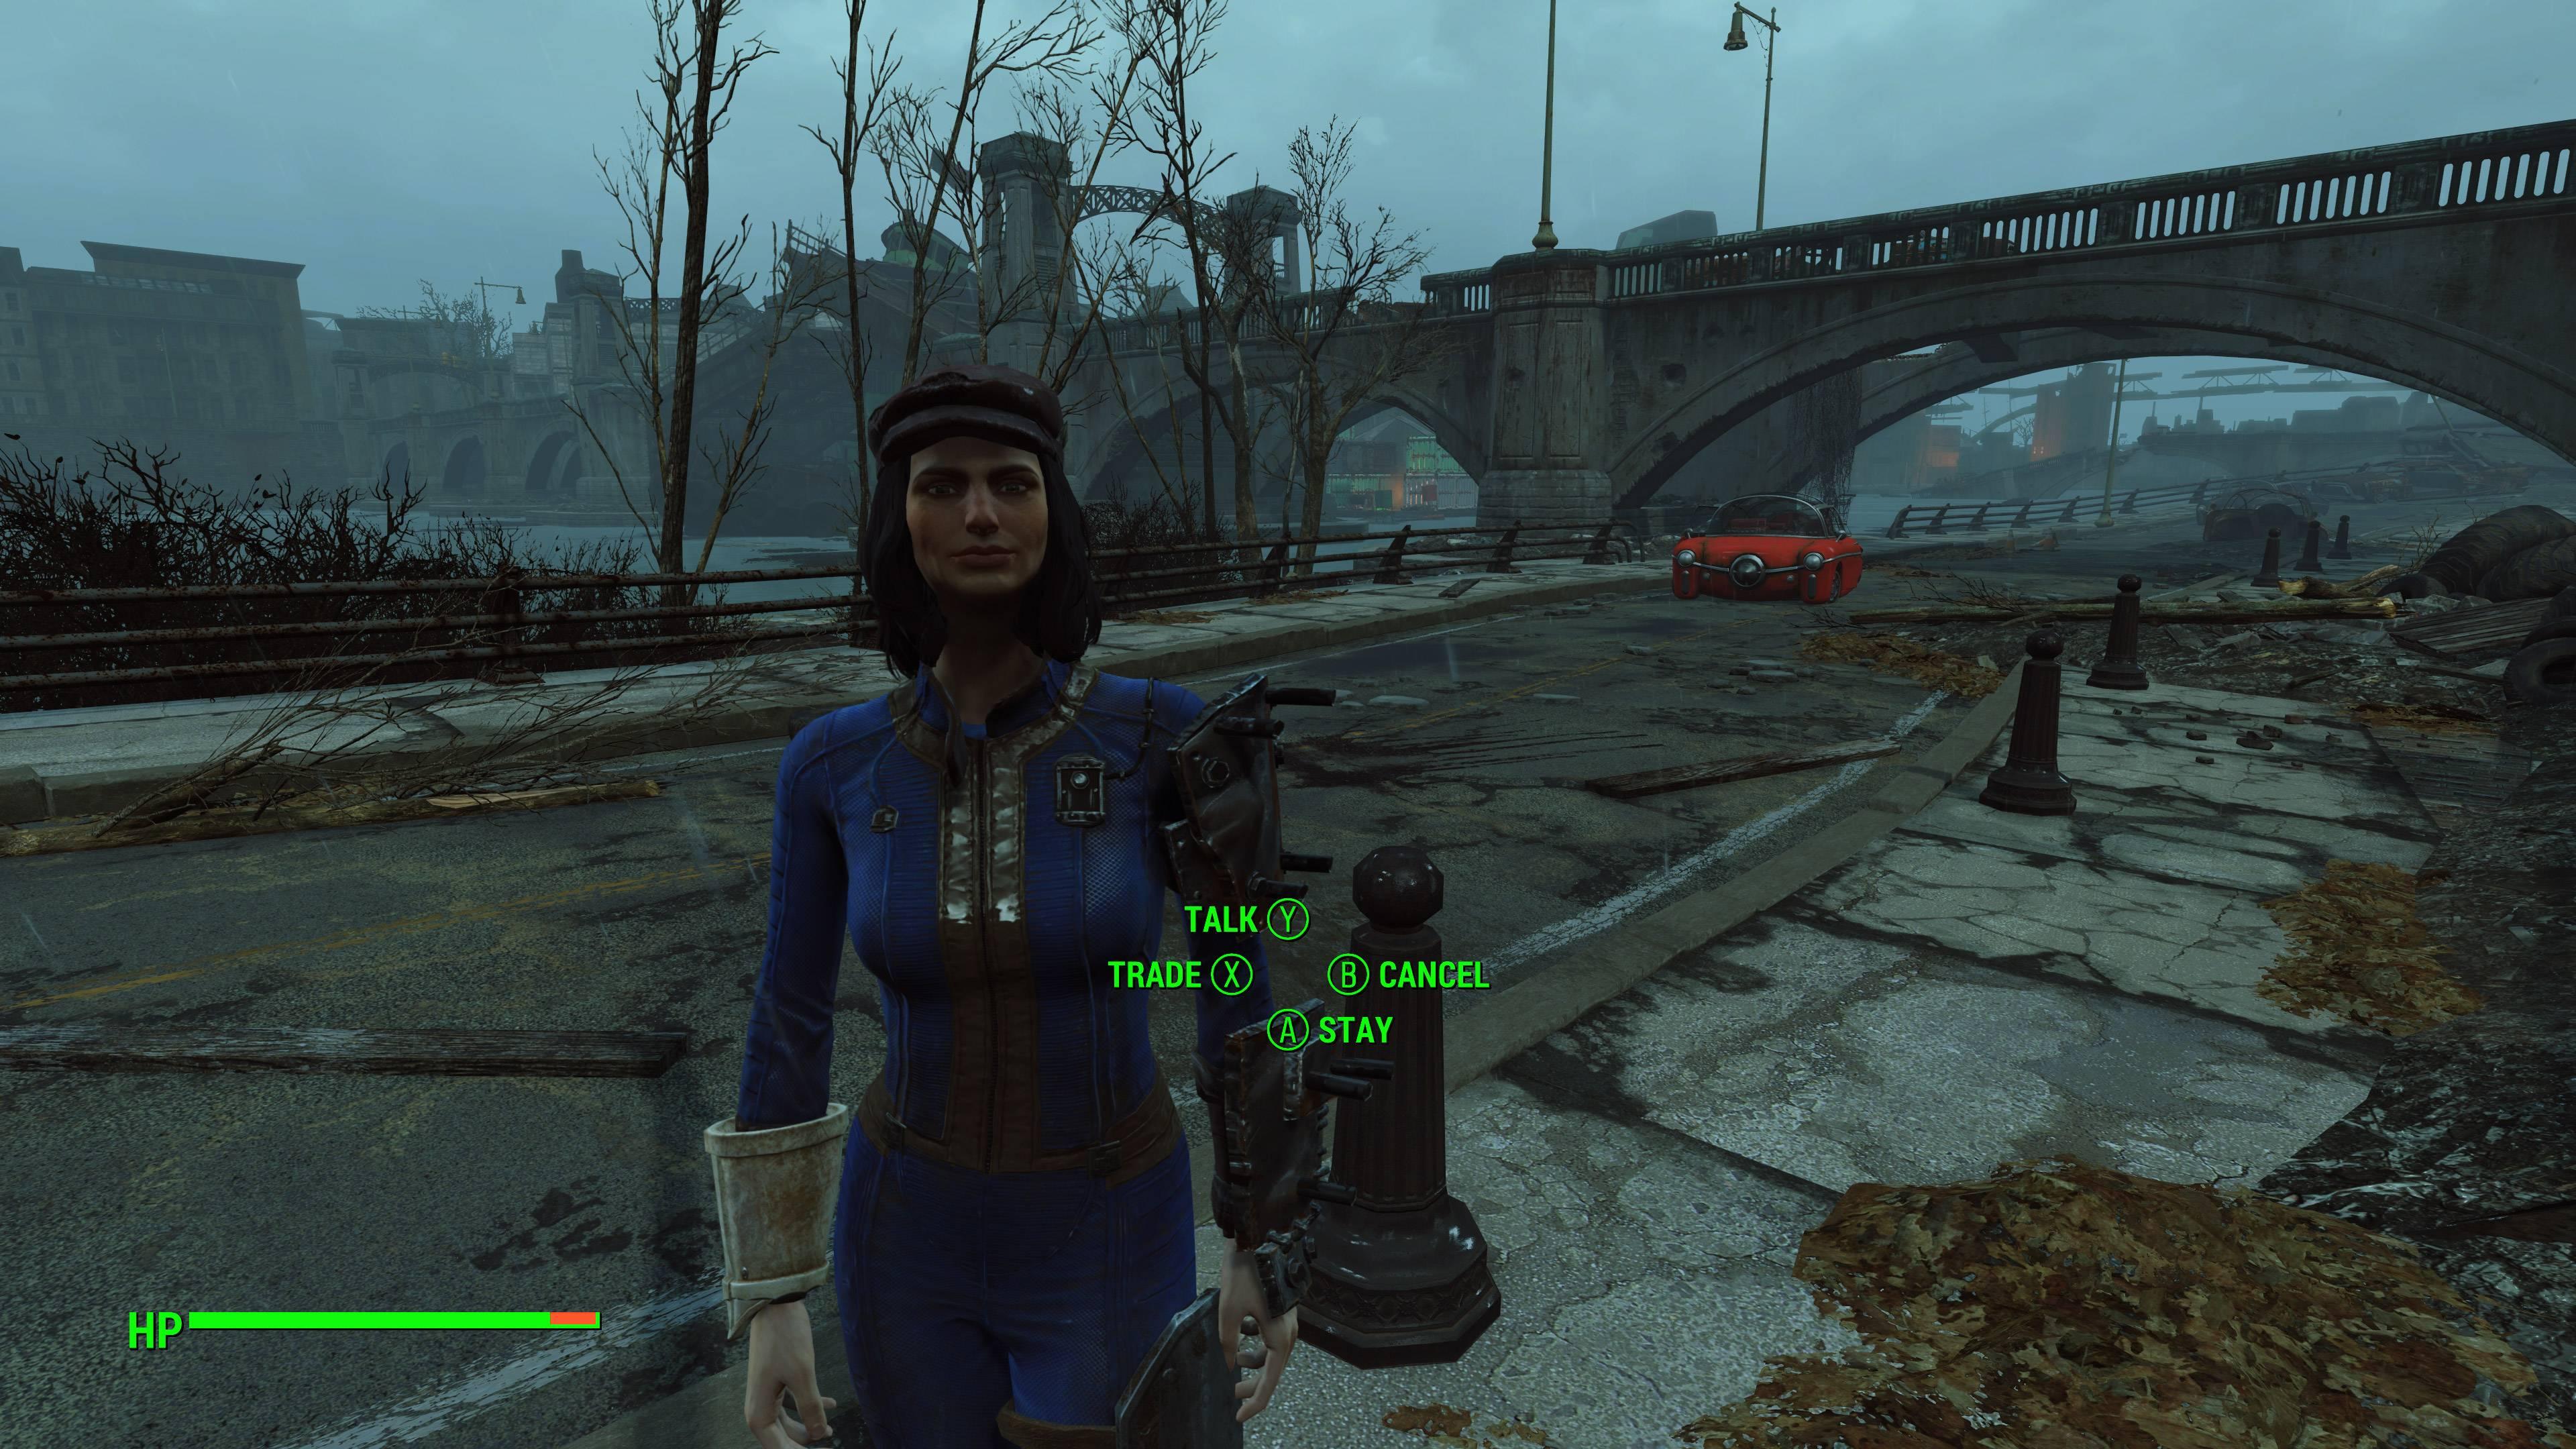 PC verzi Falloutu 4 můžete obohatit o textury ve vysokém rozlišení 138017